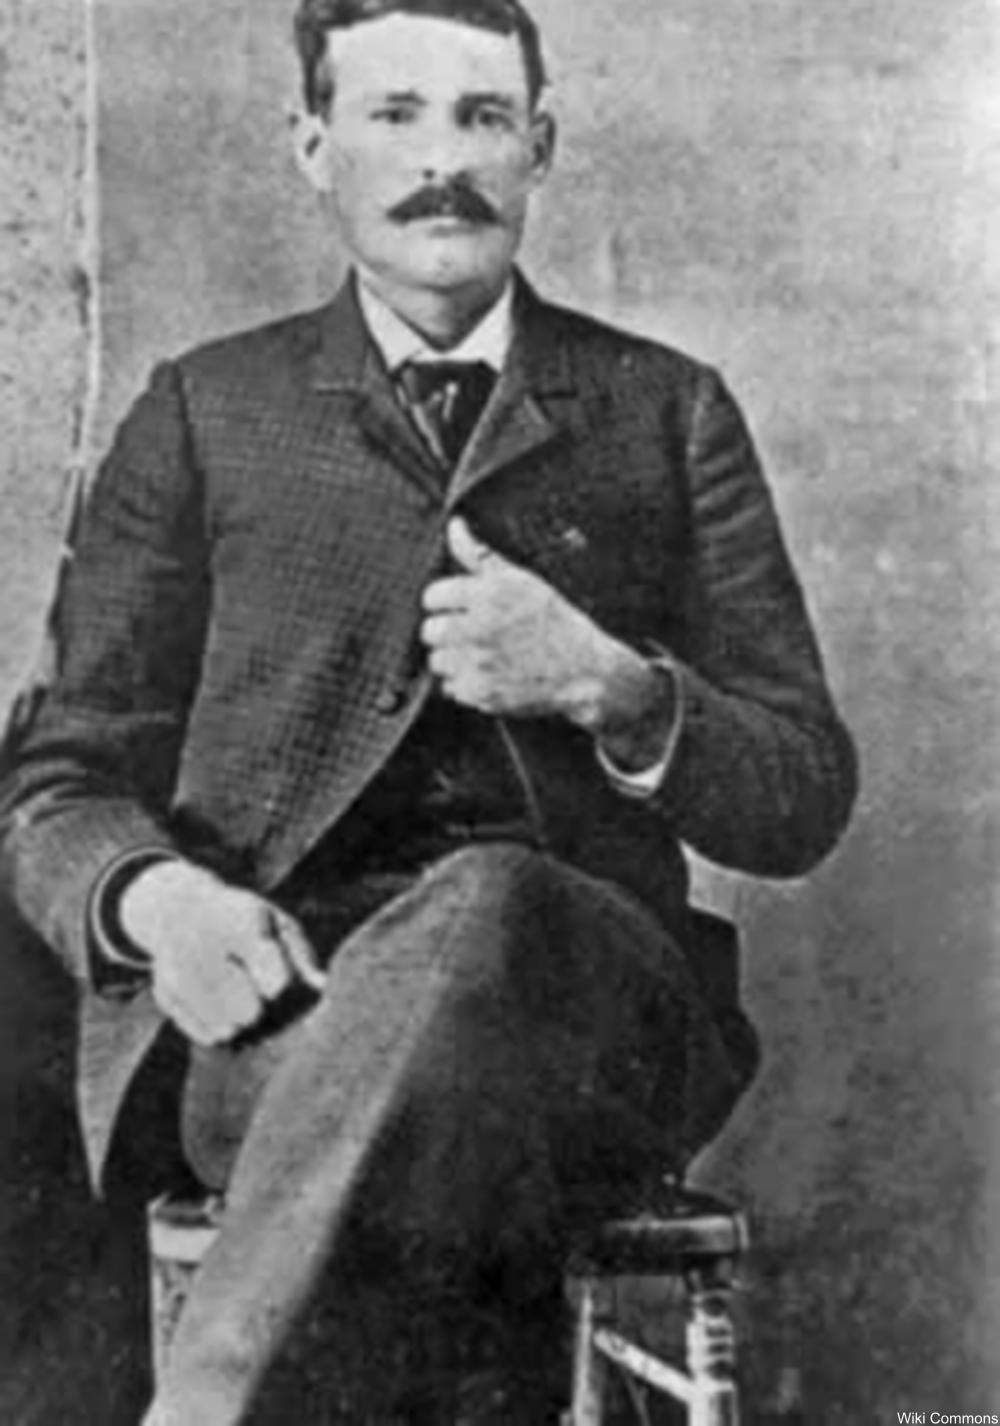 Thomas E. Ketchum